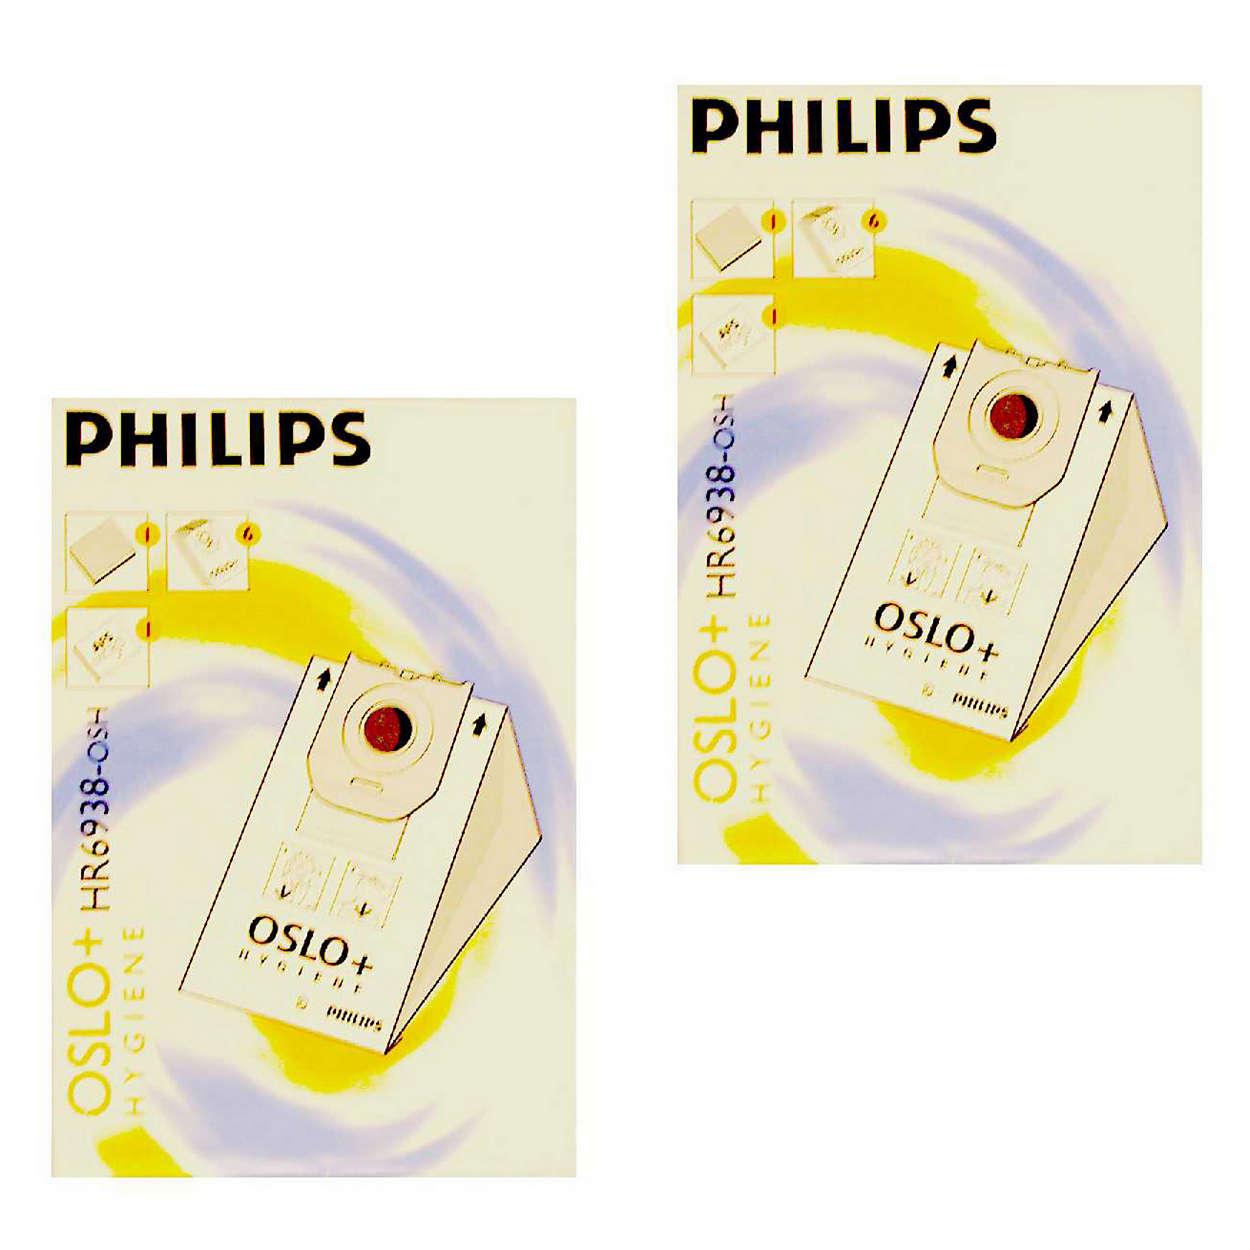 Sacco per la polvere originale Philips